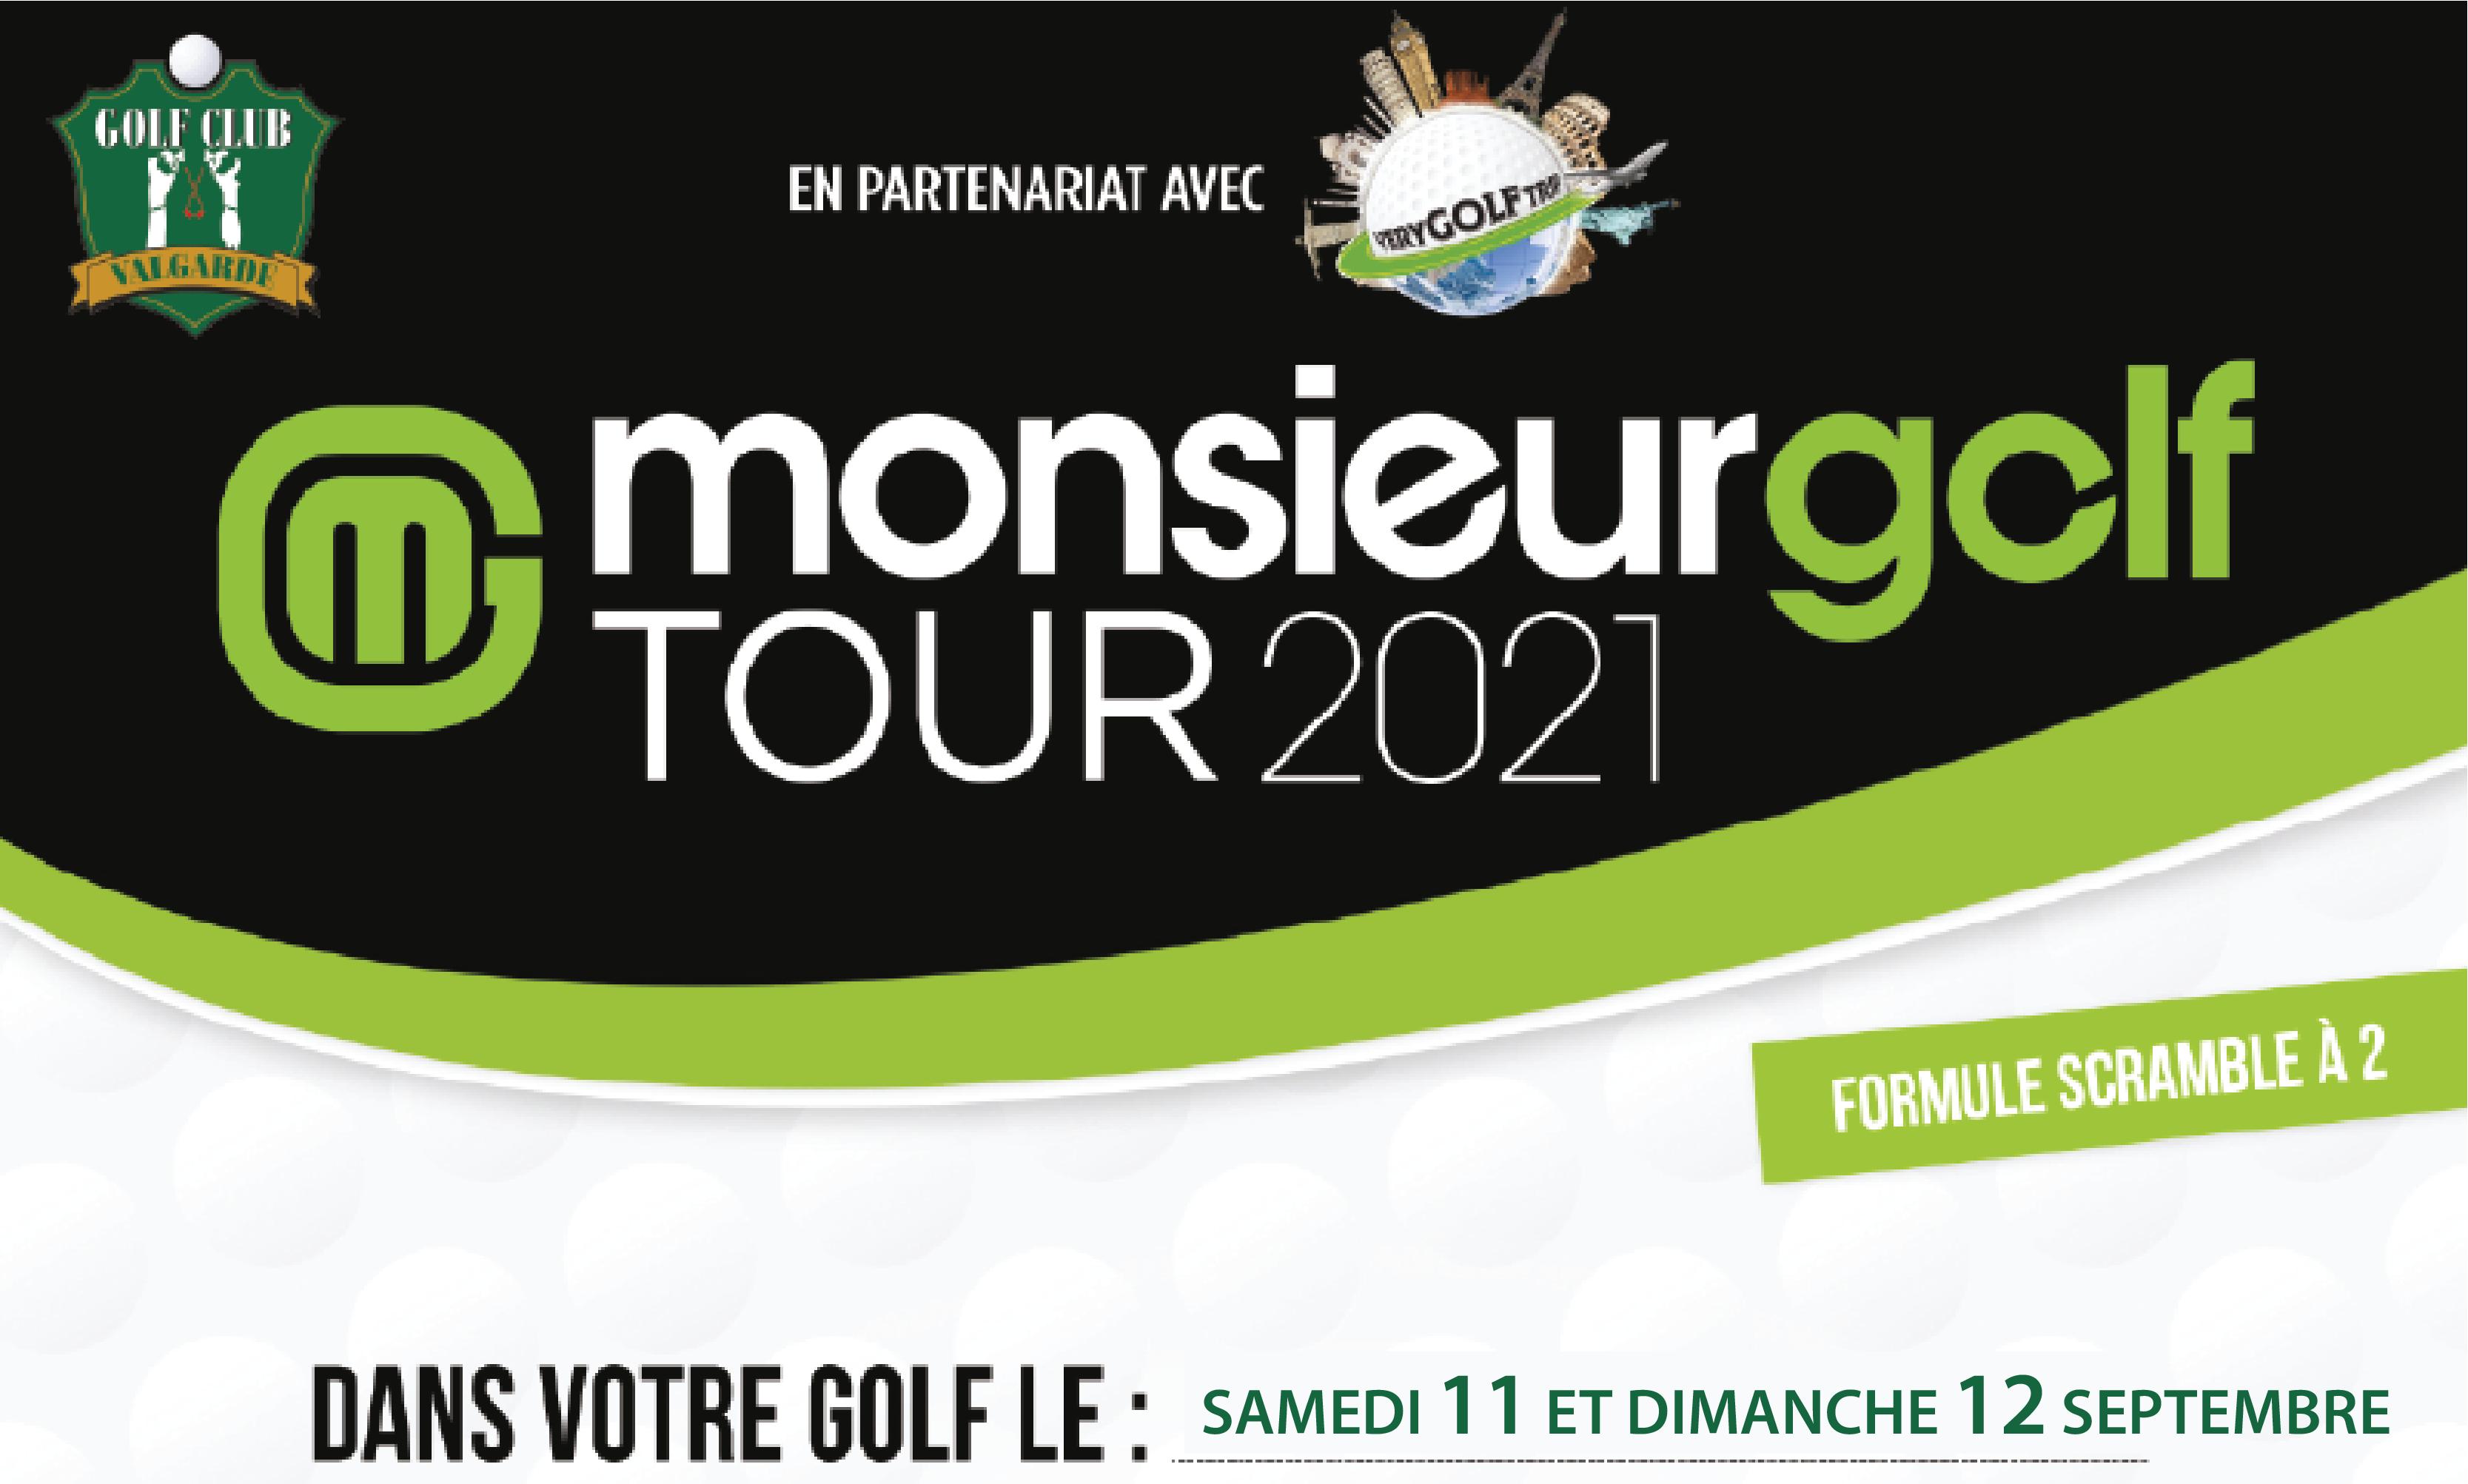 Monsieur Golf Tour 2021 – samedi 11 et dimanche 12 septembre